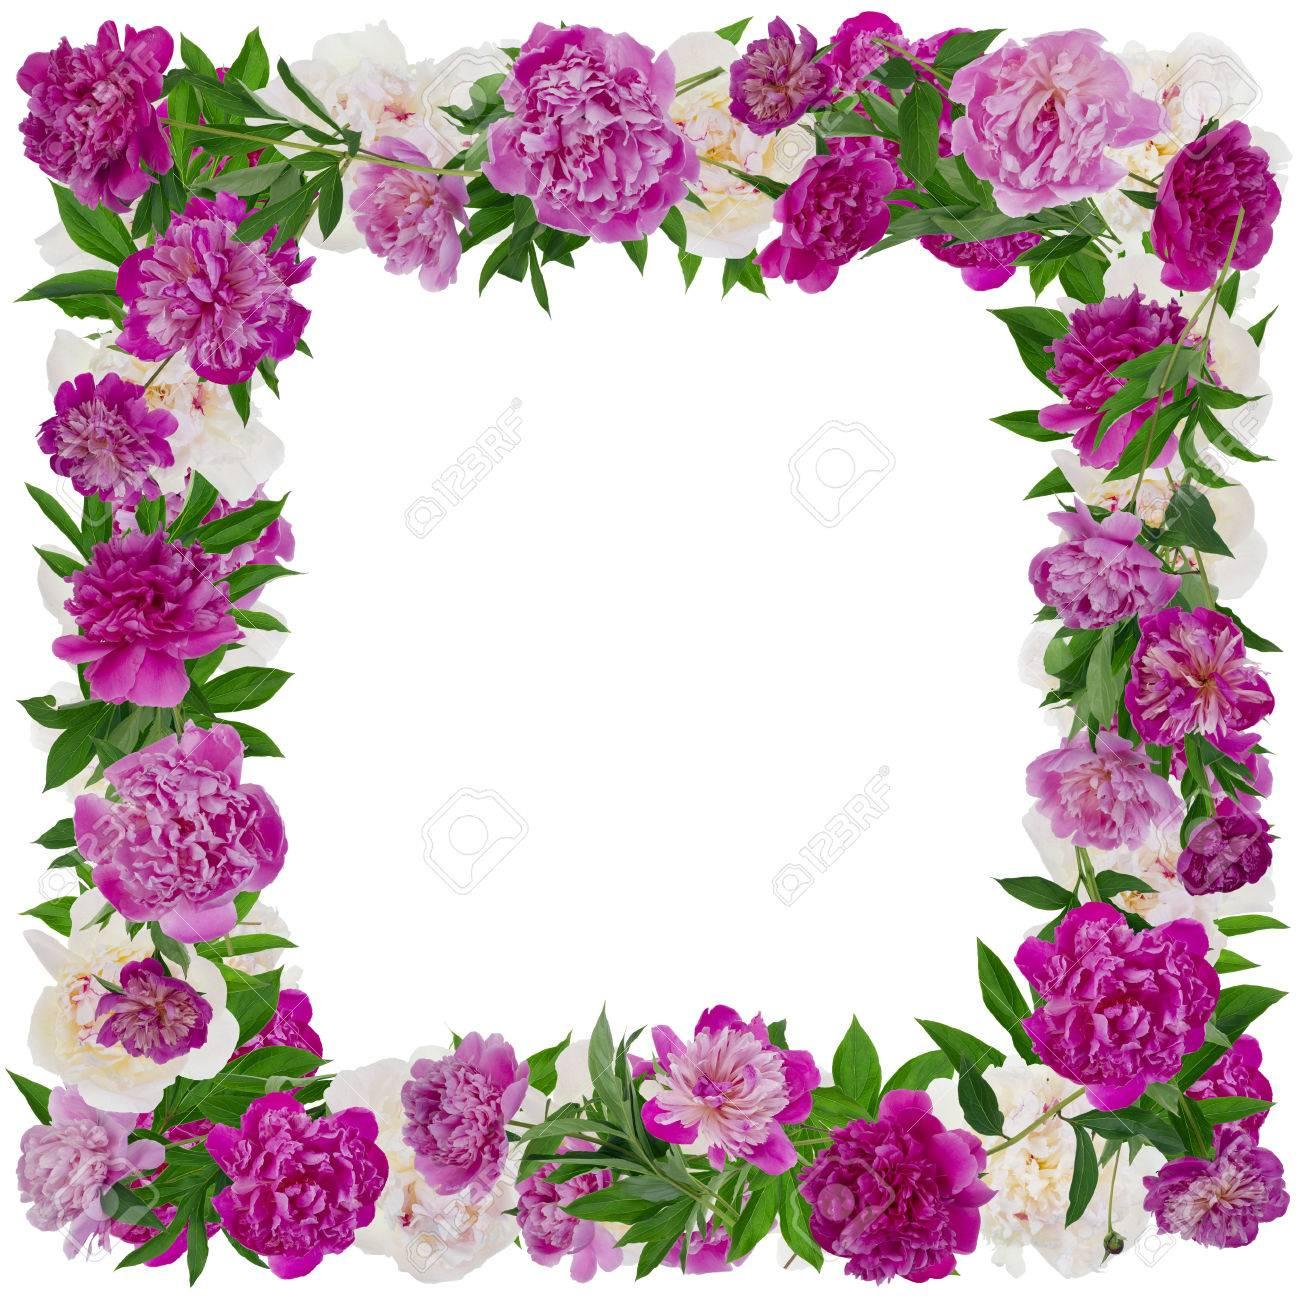 Marco De Fotos De Flores De Color Rosa Y Blanco Peonias Reales Ramas Aislado En El Collage Hecho A Mano Negro De Varias Fotos